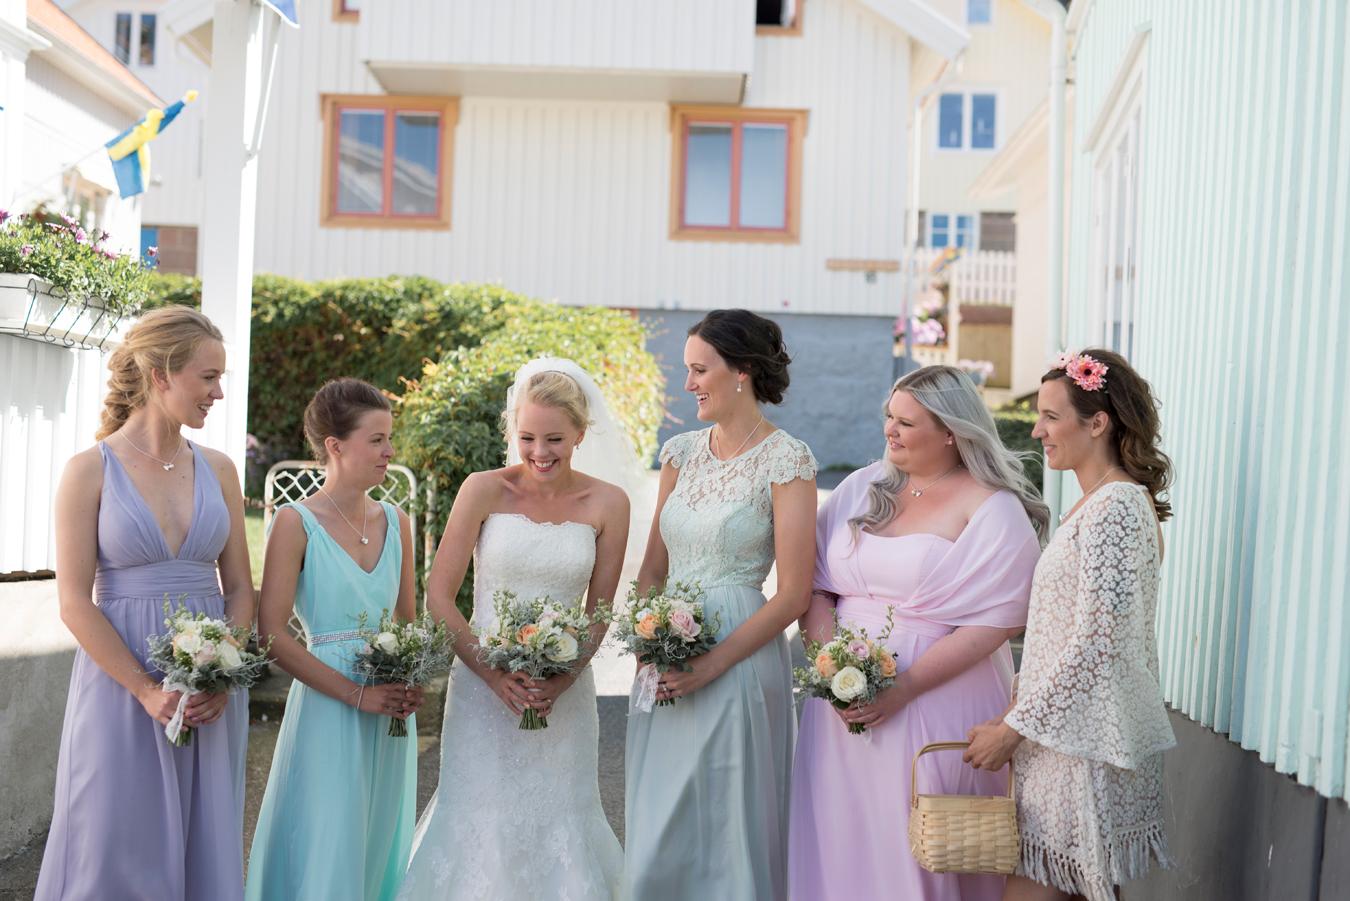 011-bröllopsfotograf-ulebergshamn-göteborg-neas-fotografi.jpg